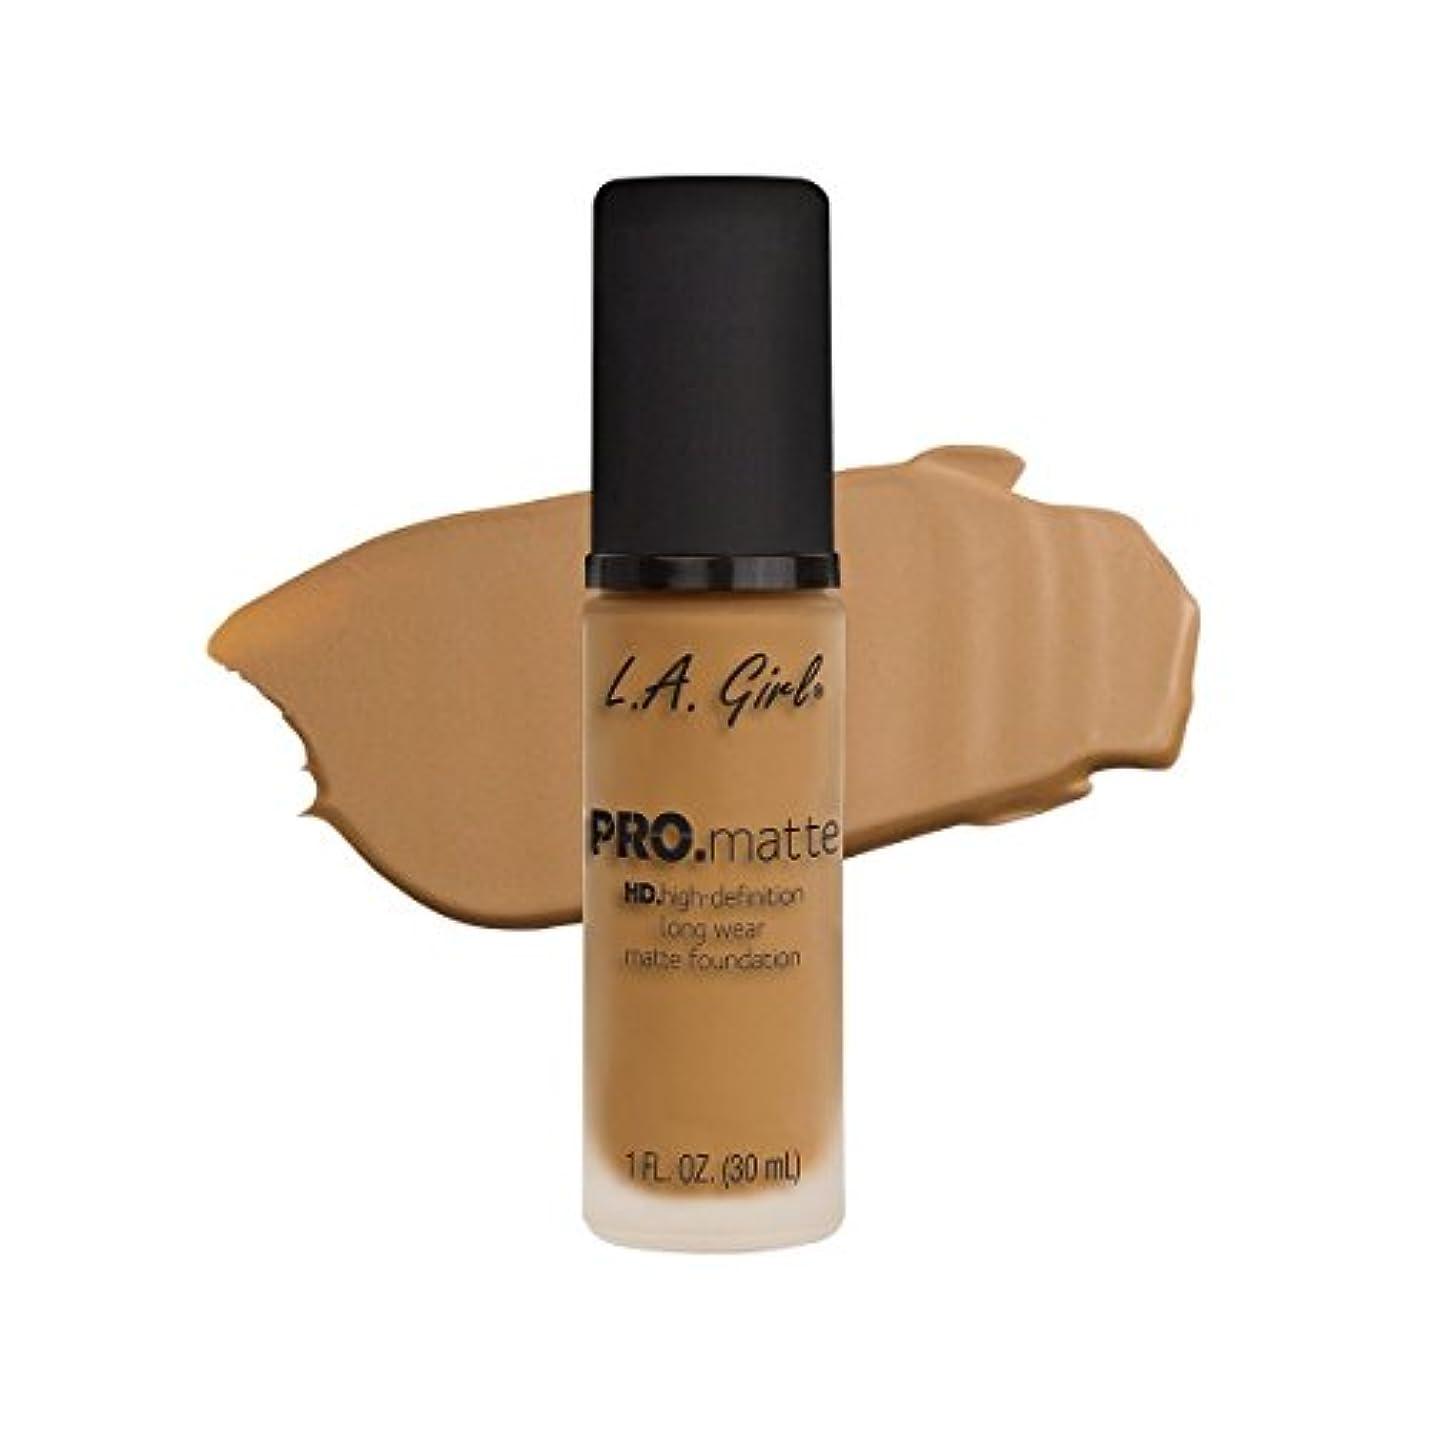 騙す有害な直感(6 Pack) L.A. GIRL Pro Matte Foundation - Sand (並行輸入品)